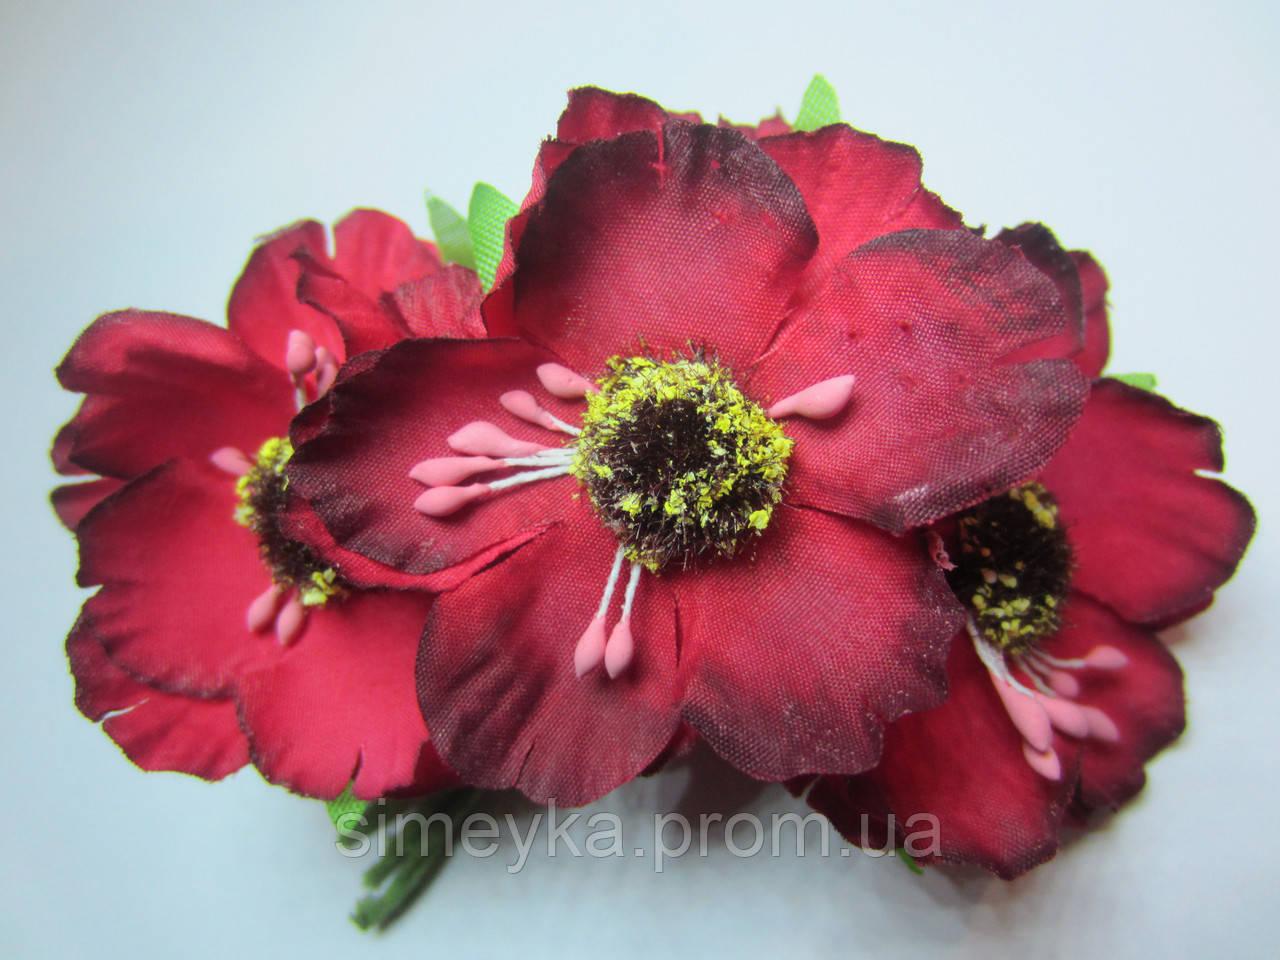 Мак красный для украинского венка, диаметр цветка 40 мм, 1 шт.